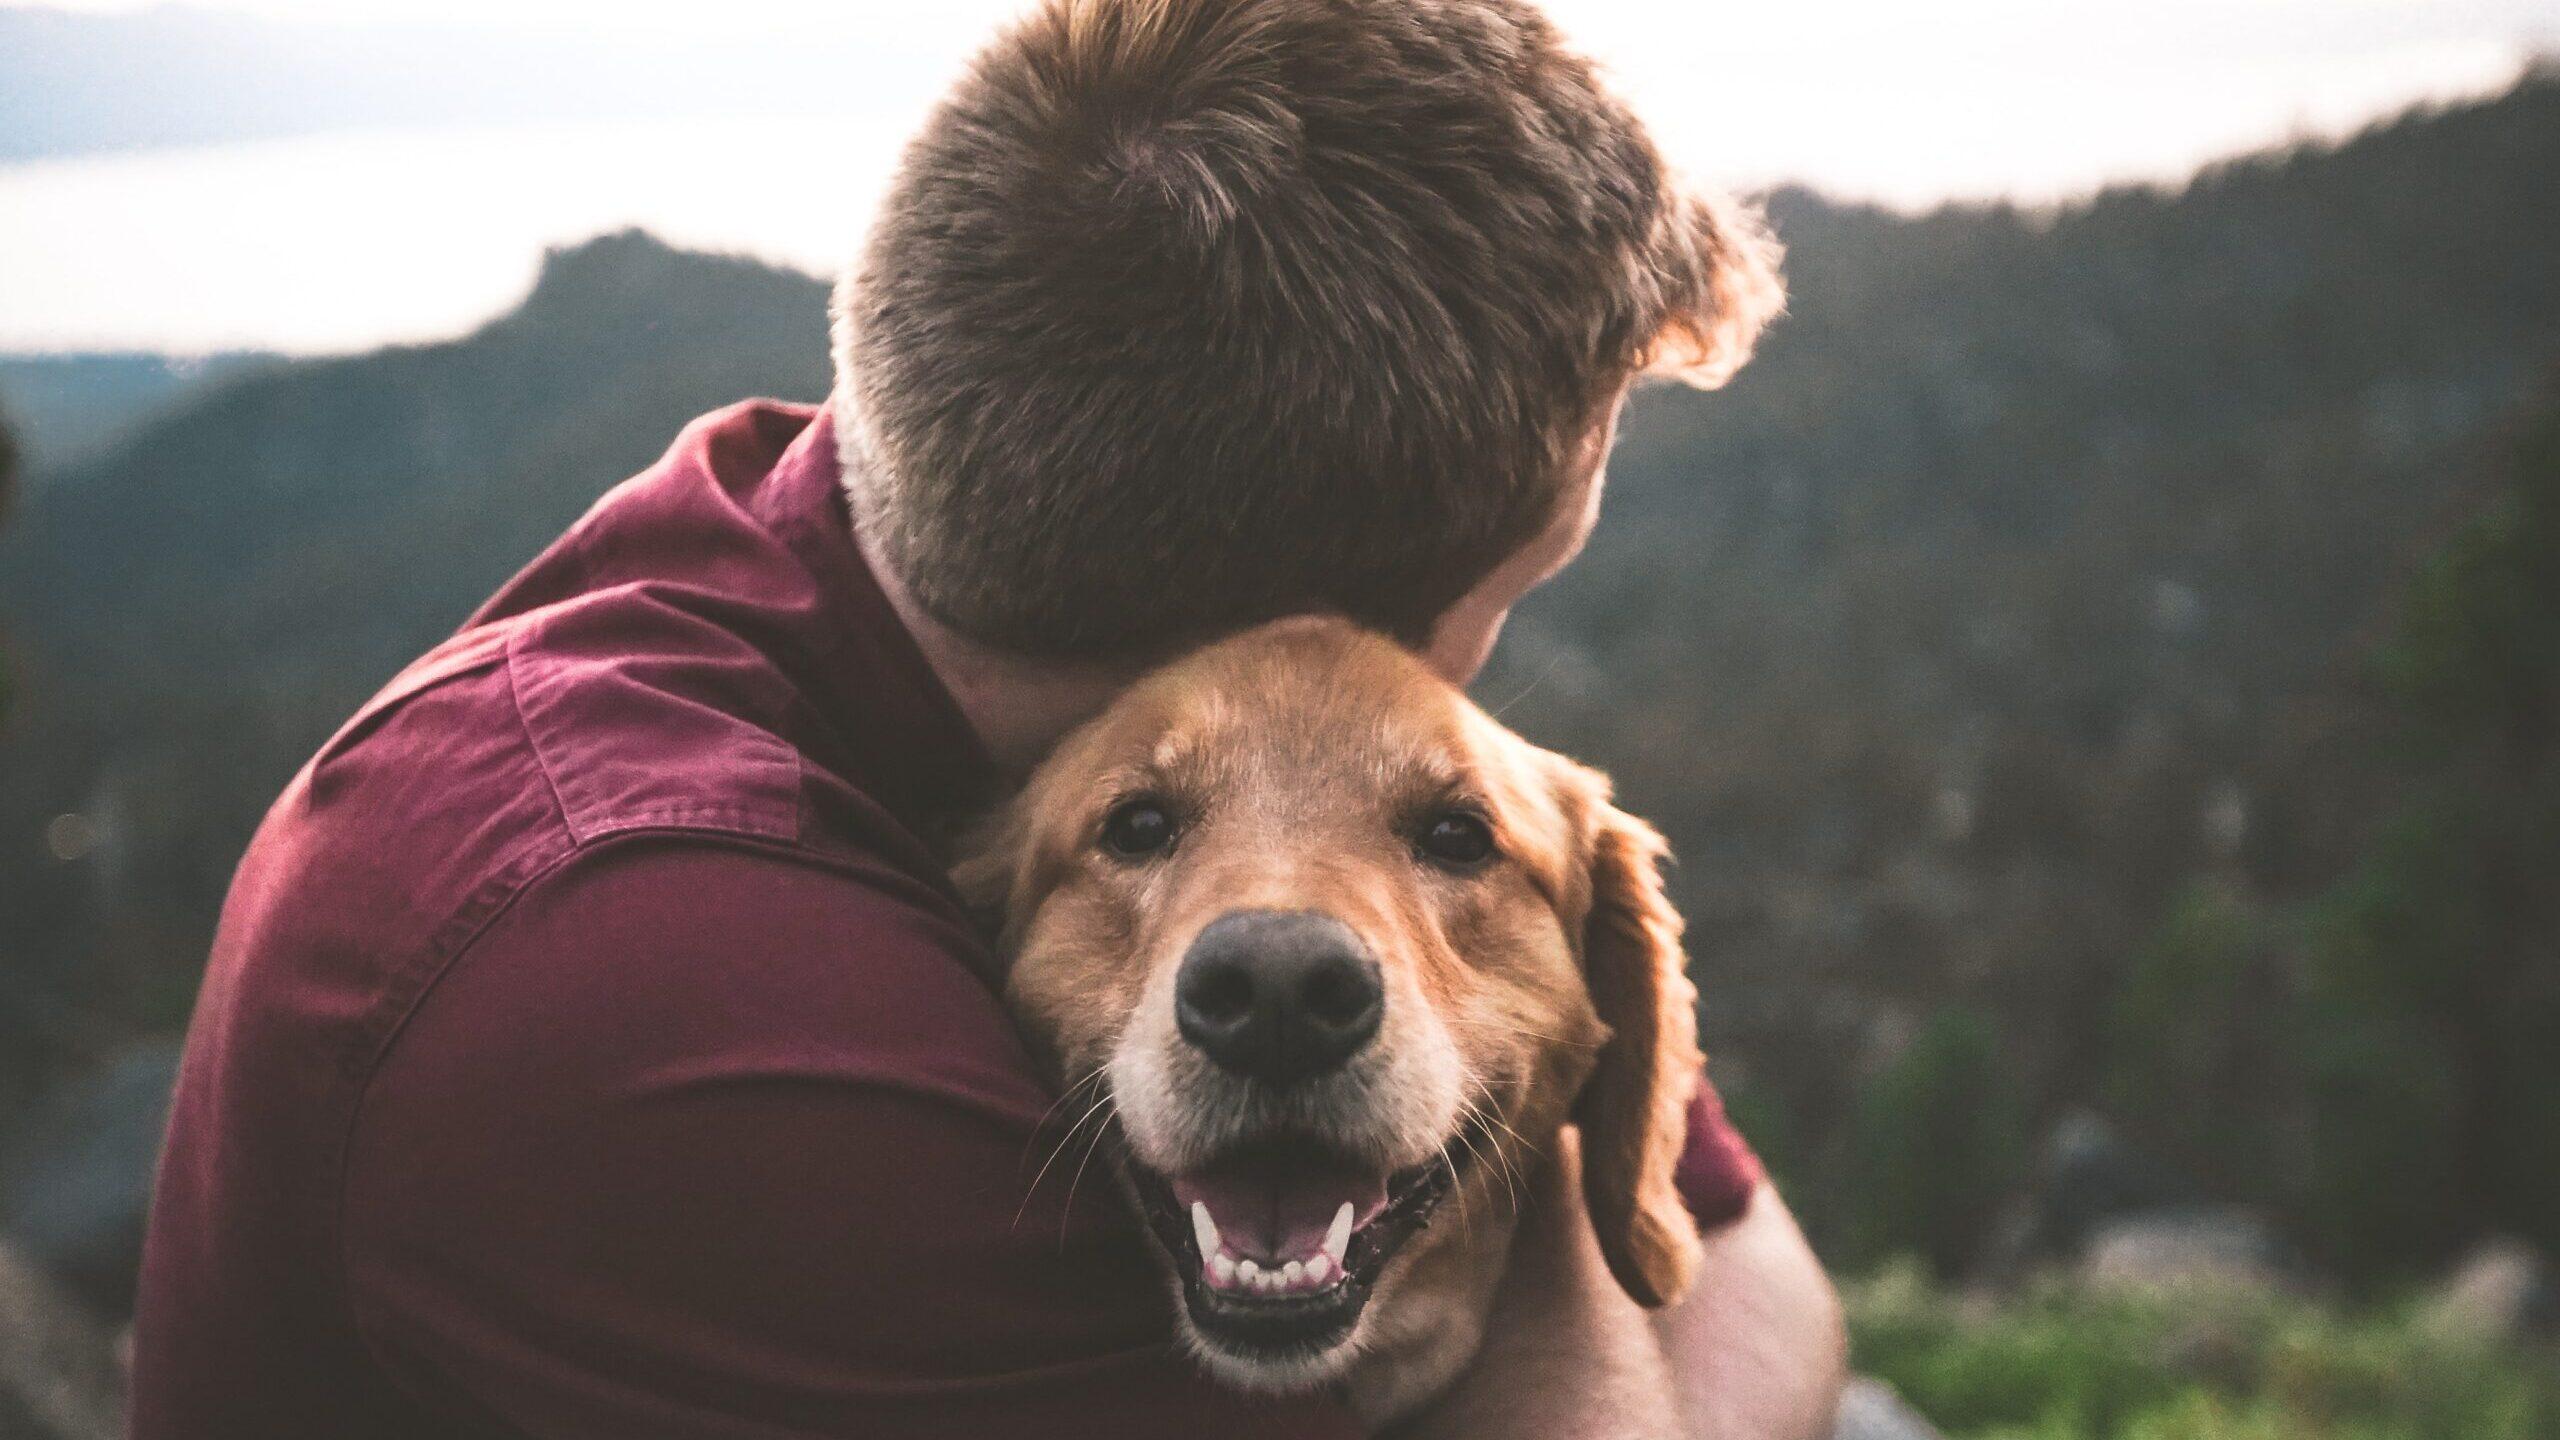 Perder al mejor amigo: el duelo por una mascota es real